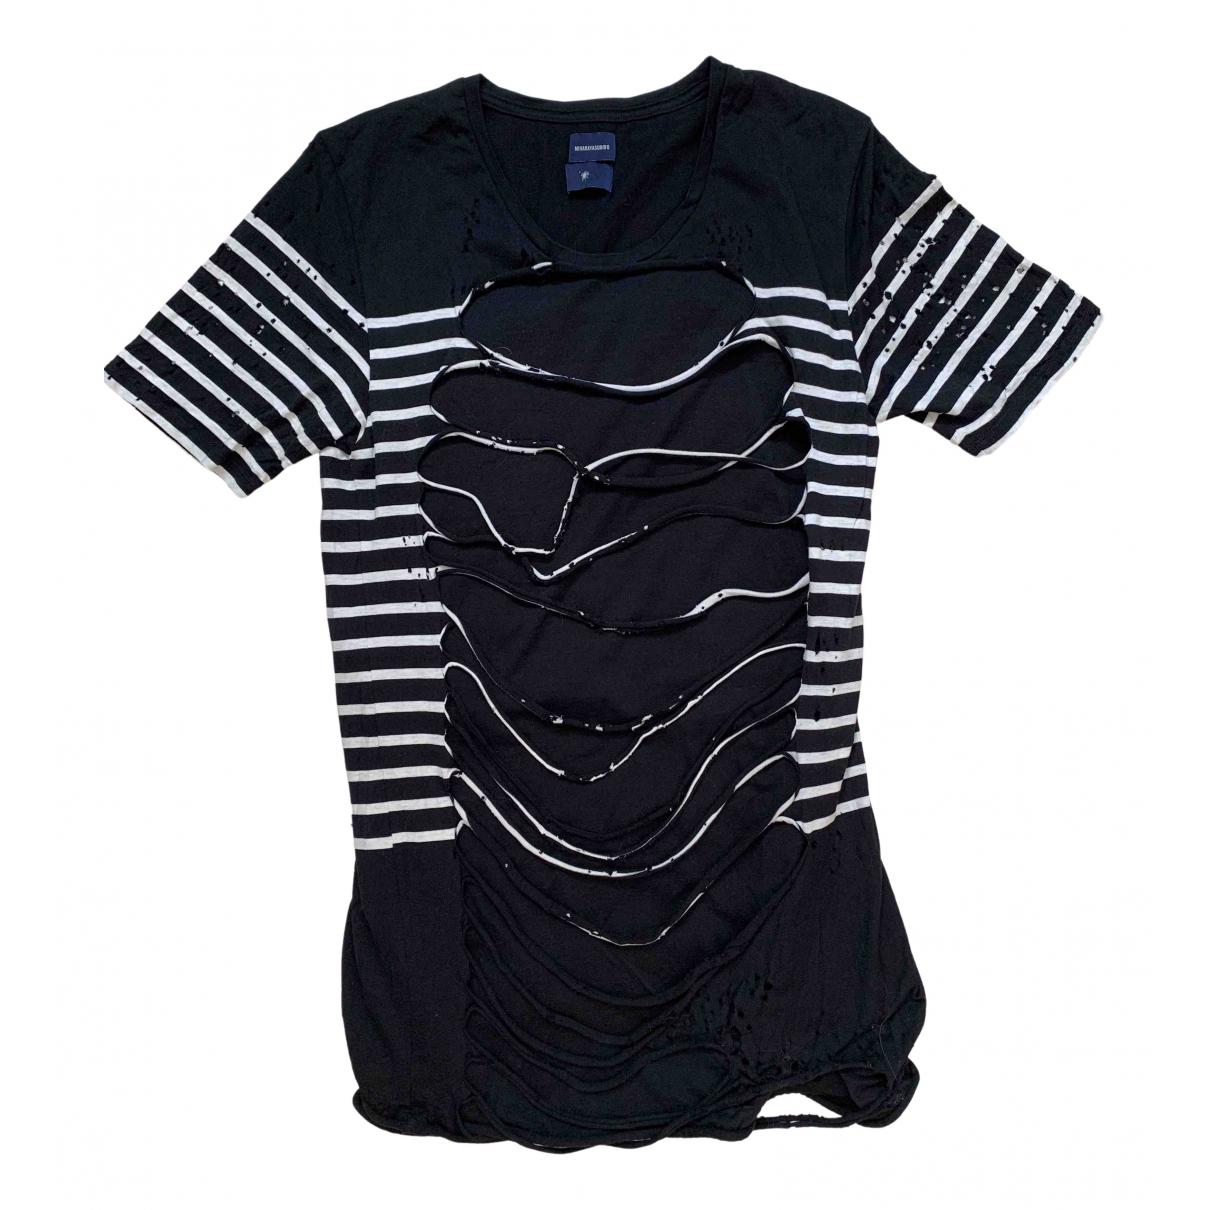 Miharayasuhiro - Tee shirts   pour homme en coton - noir